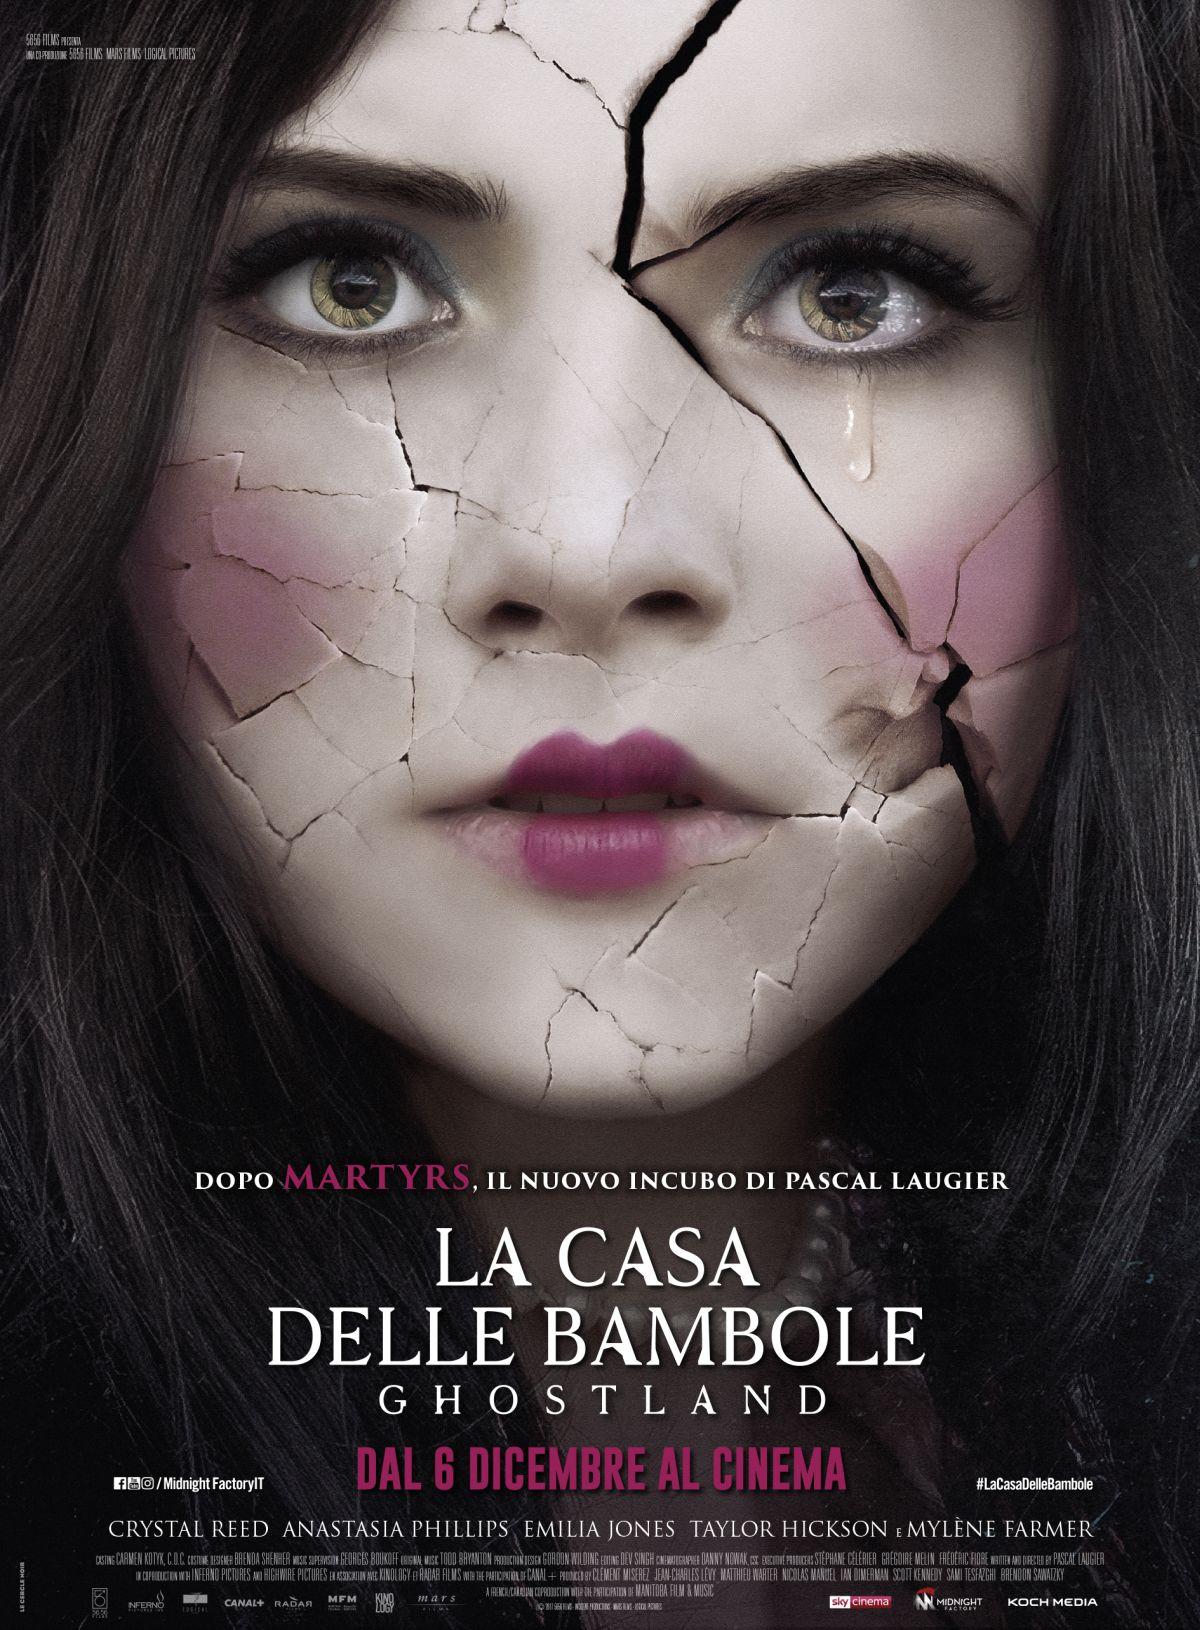 La Casa Delle Bambole – Ghostland,il poster italiano del film horror